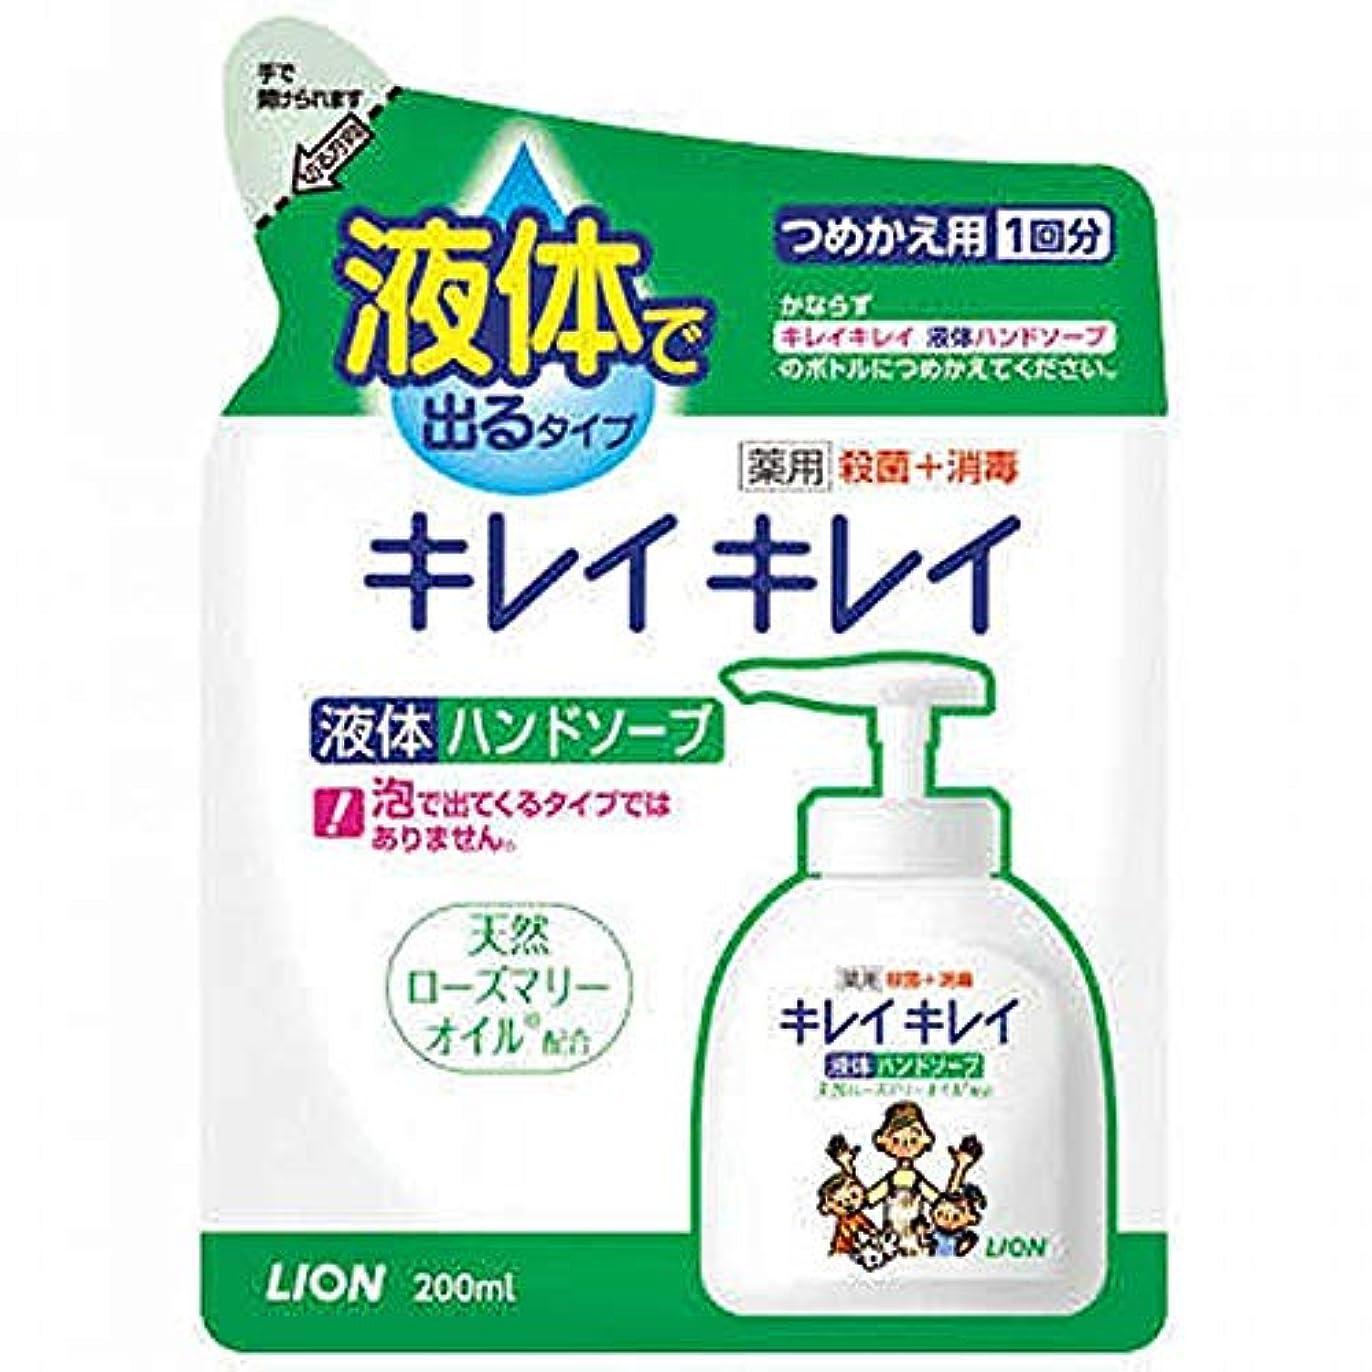 ホイールボリューム敵対的ライオン キレイキレイ 薬用液体ハンドソープ 詰替 200ml ×2セット